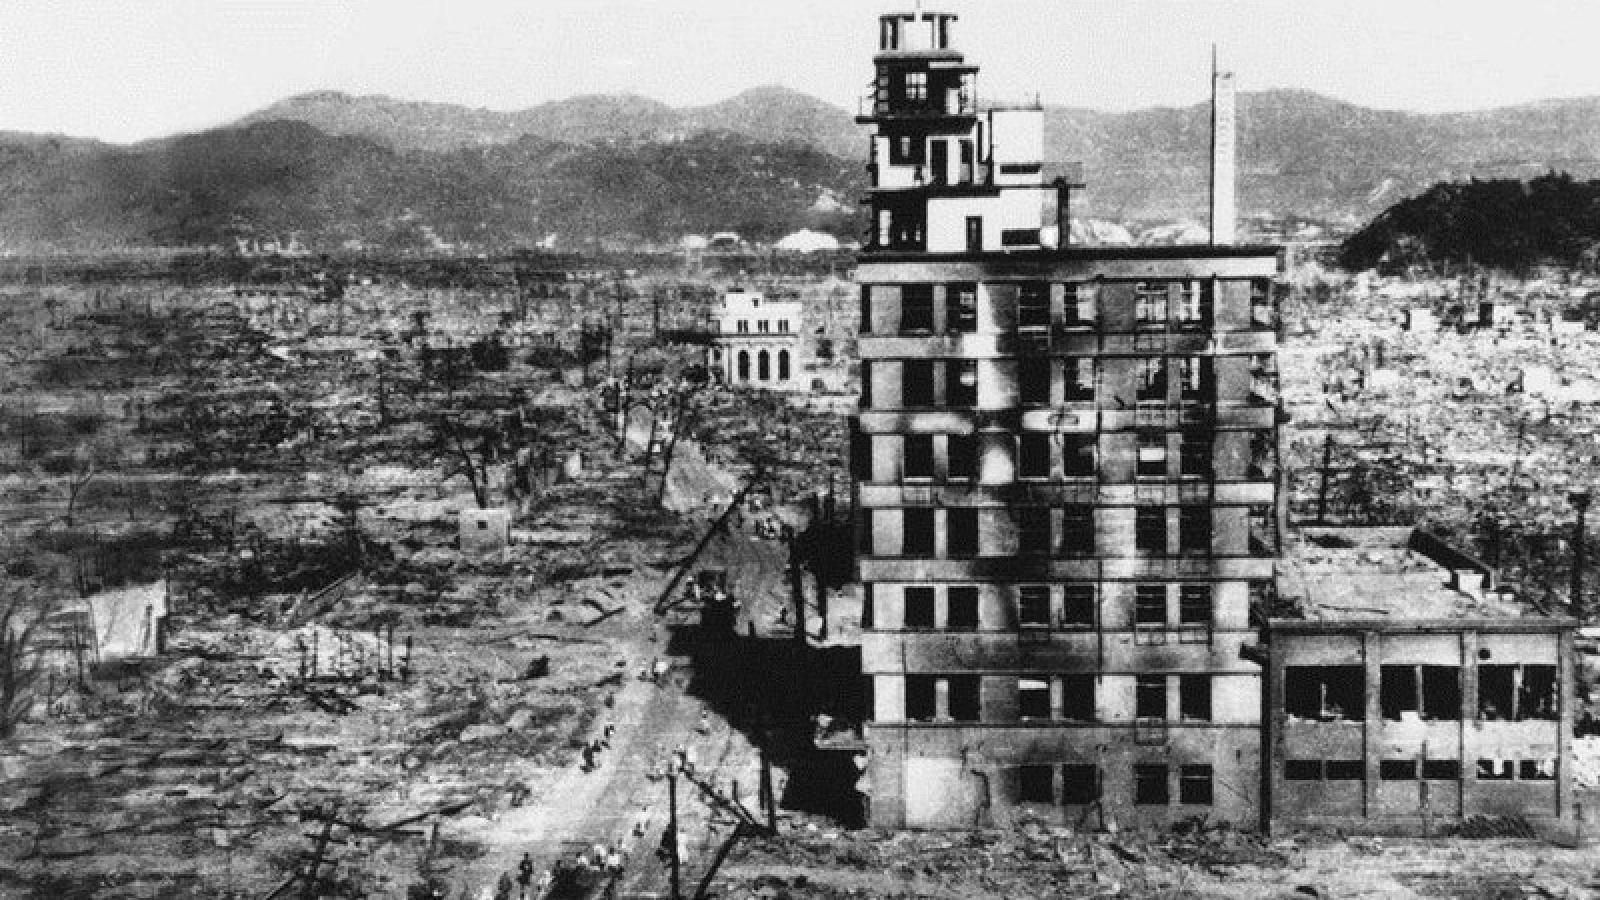 Sức hủy diệt khủng khiếp của bom nguyên tử Mỹ ném xuống Nhật Bản